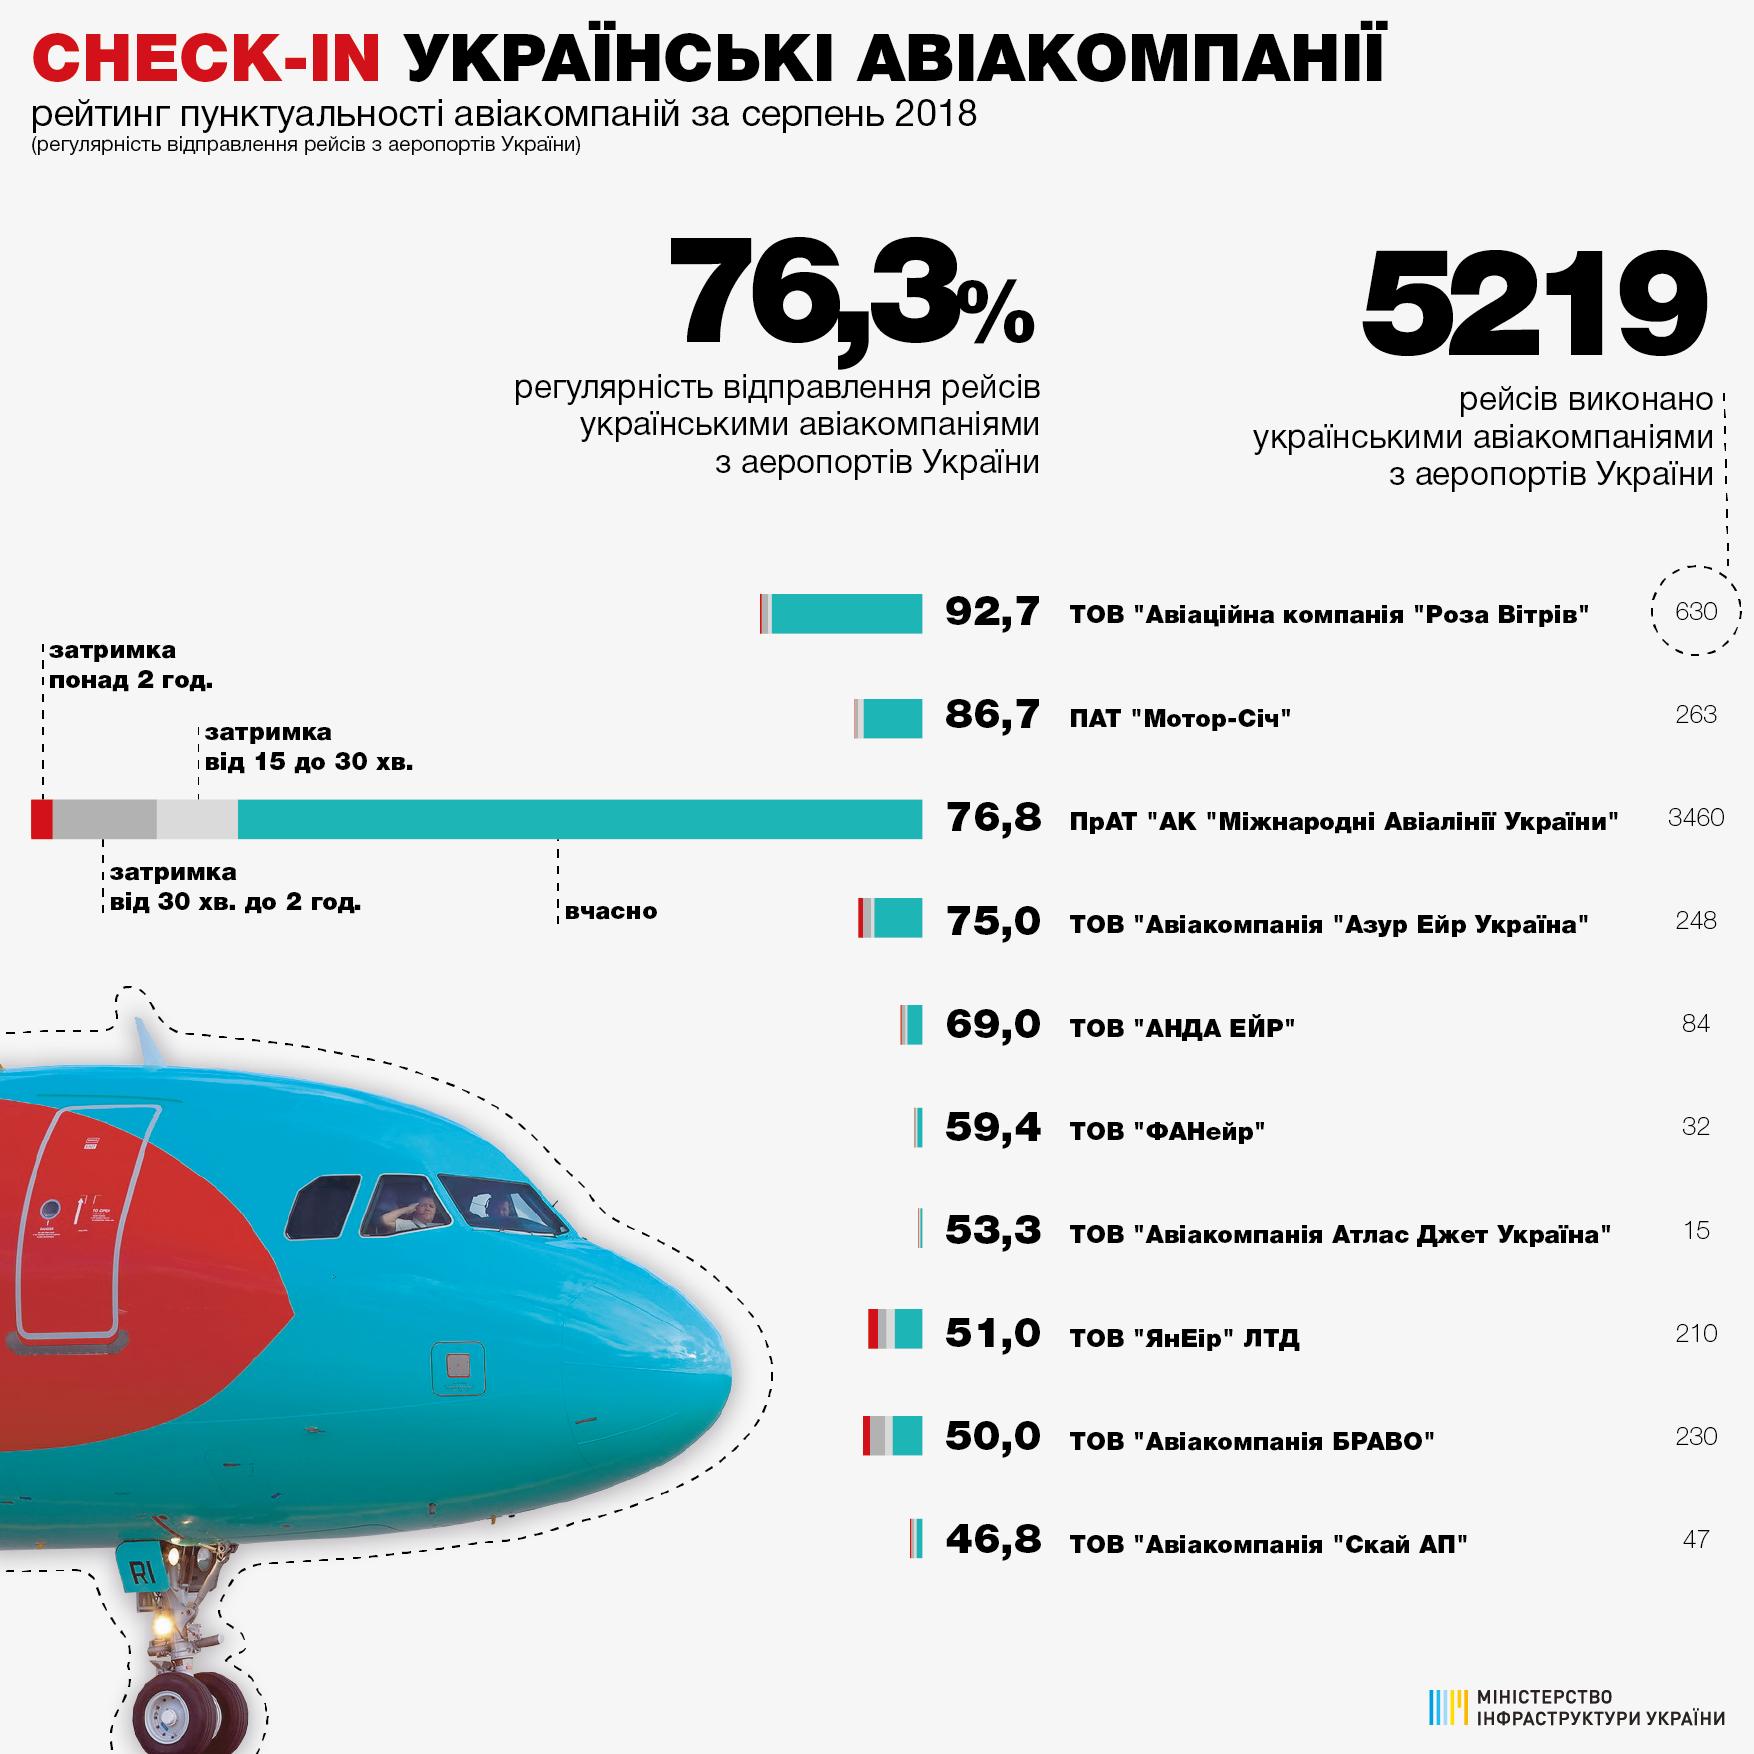 Рейтинг пунктуальности украинских авиакомпаний при вылете из аэропортов Украины в августе 2018 года